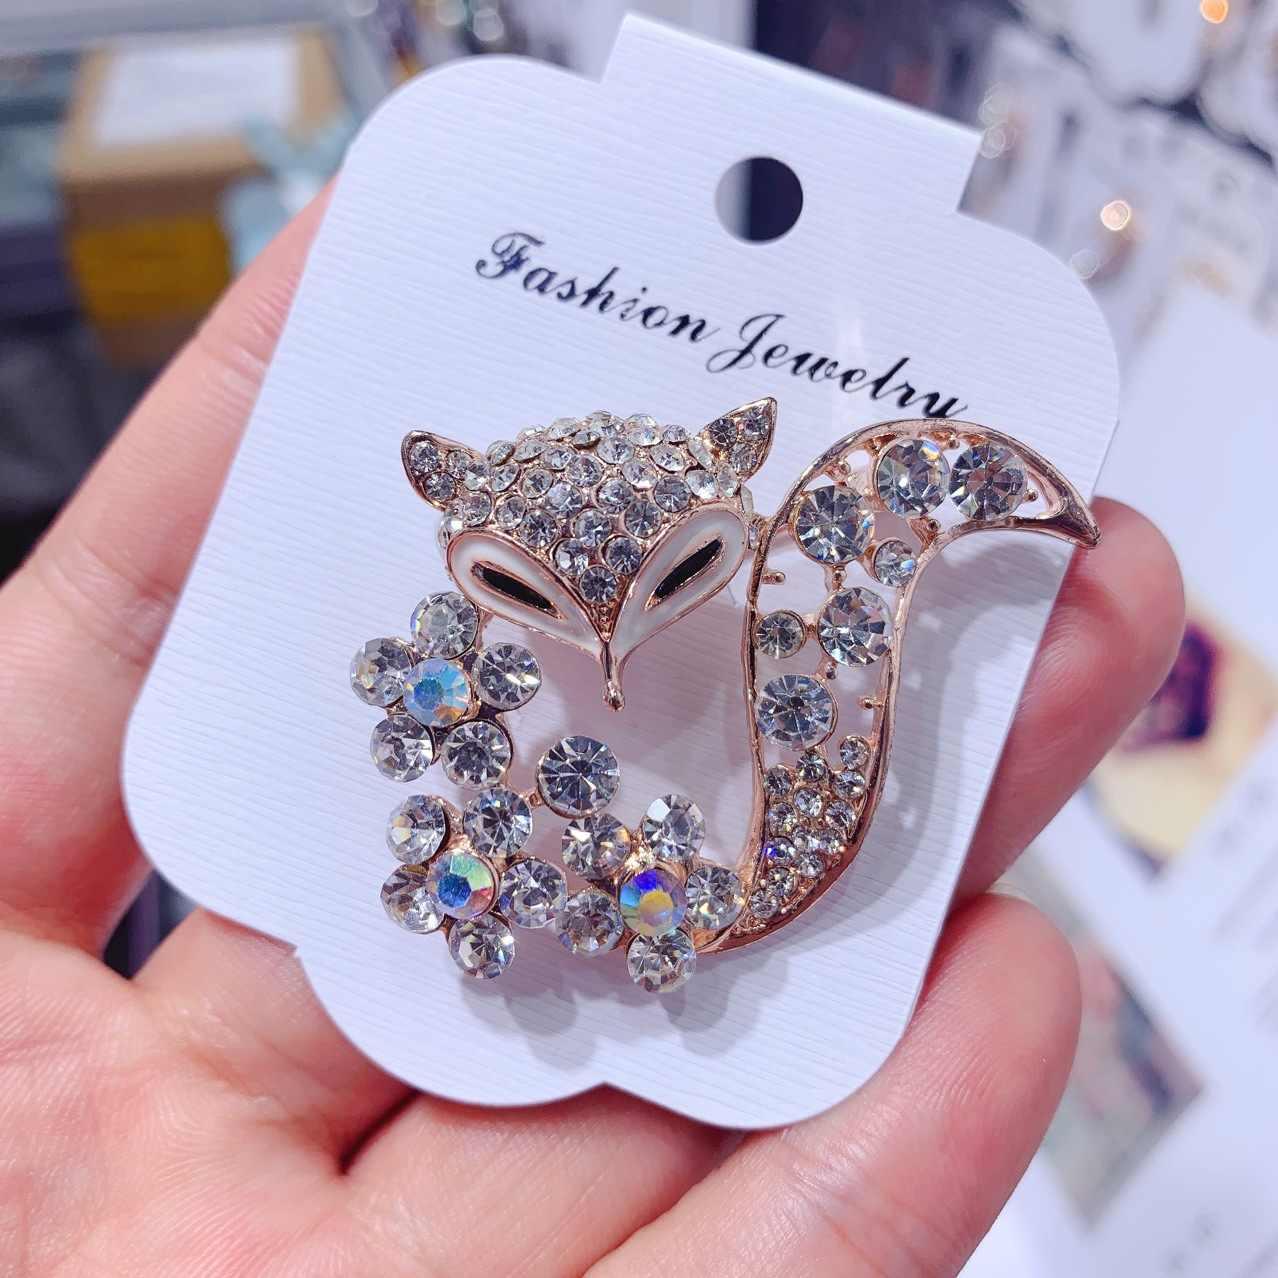 Broche con forma de zorro de zirconia con forma de pin para mujer, moderno suéter, abrigo, sombrero, bufanda, accesorios de ropa, joyería de lujo para banquete